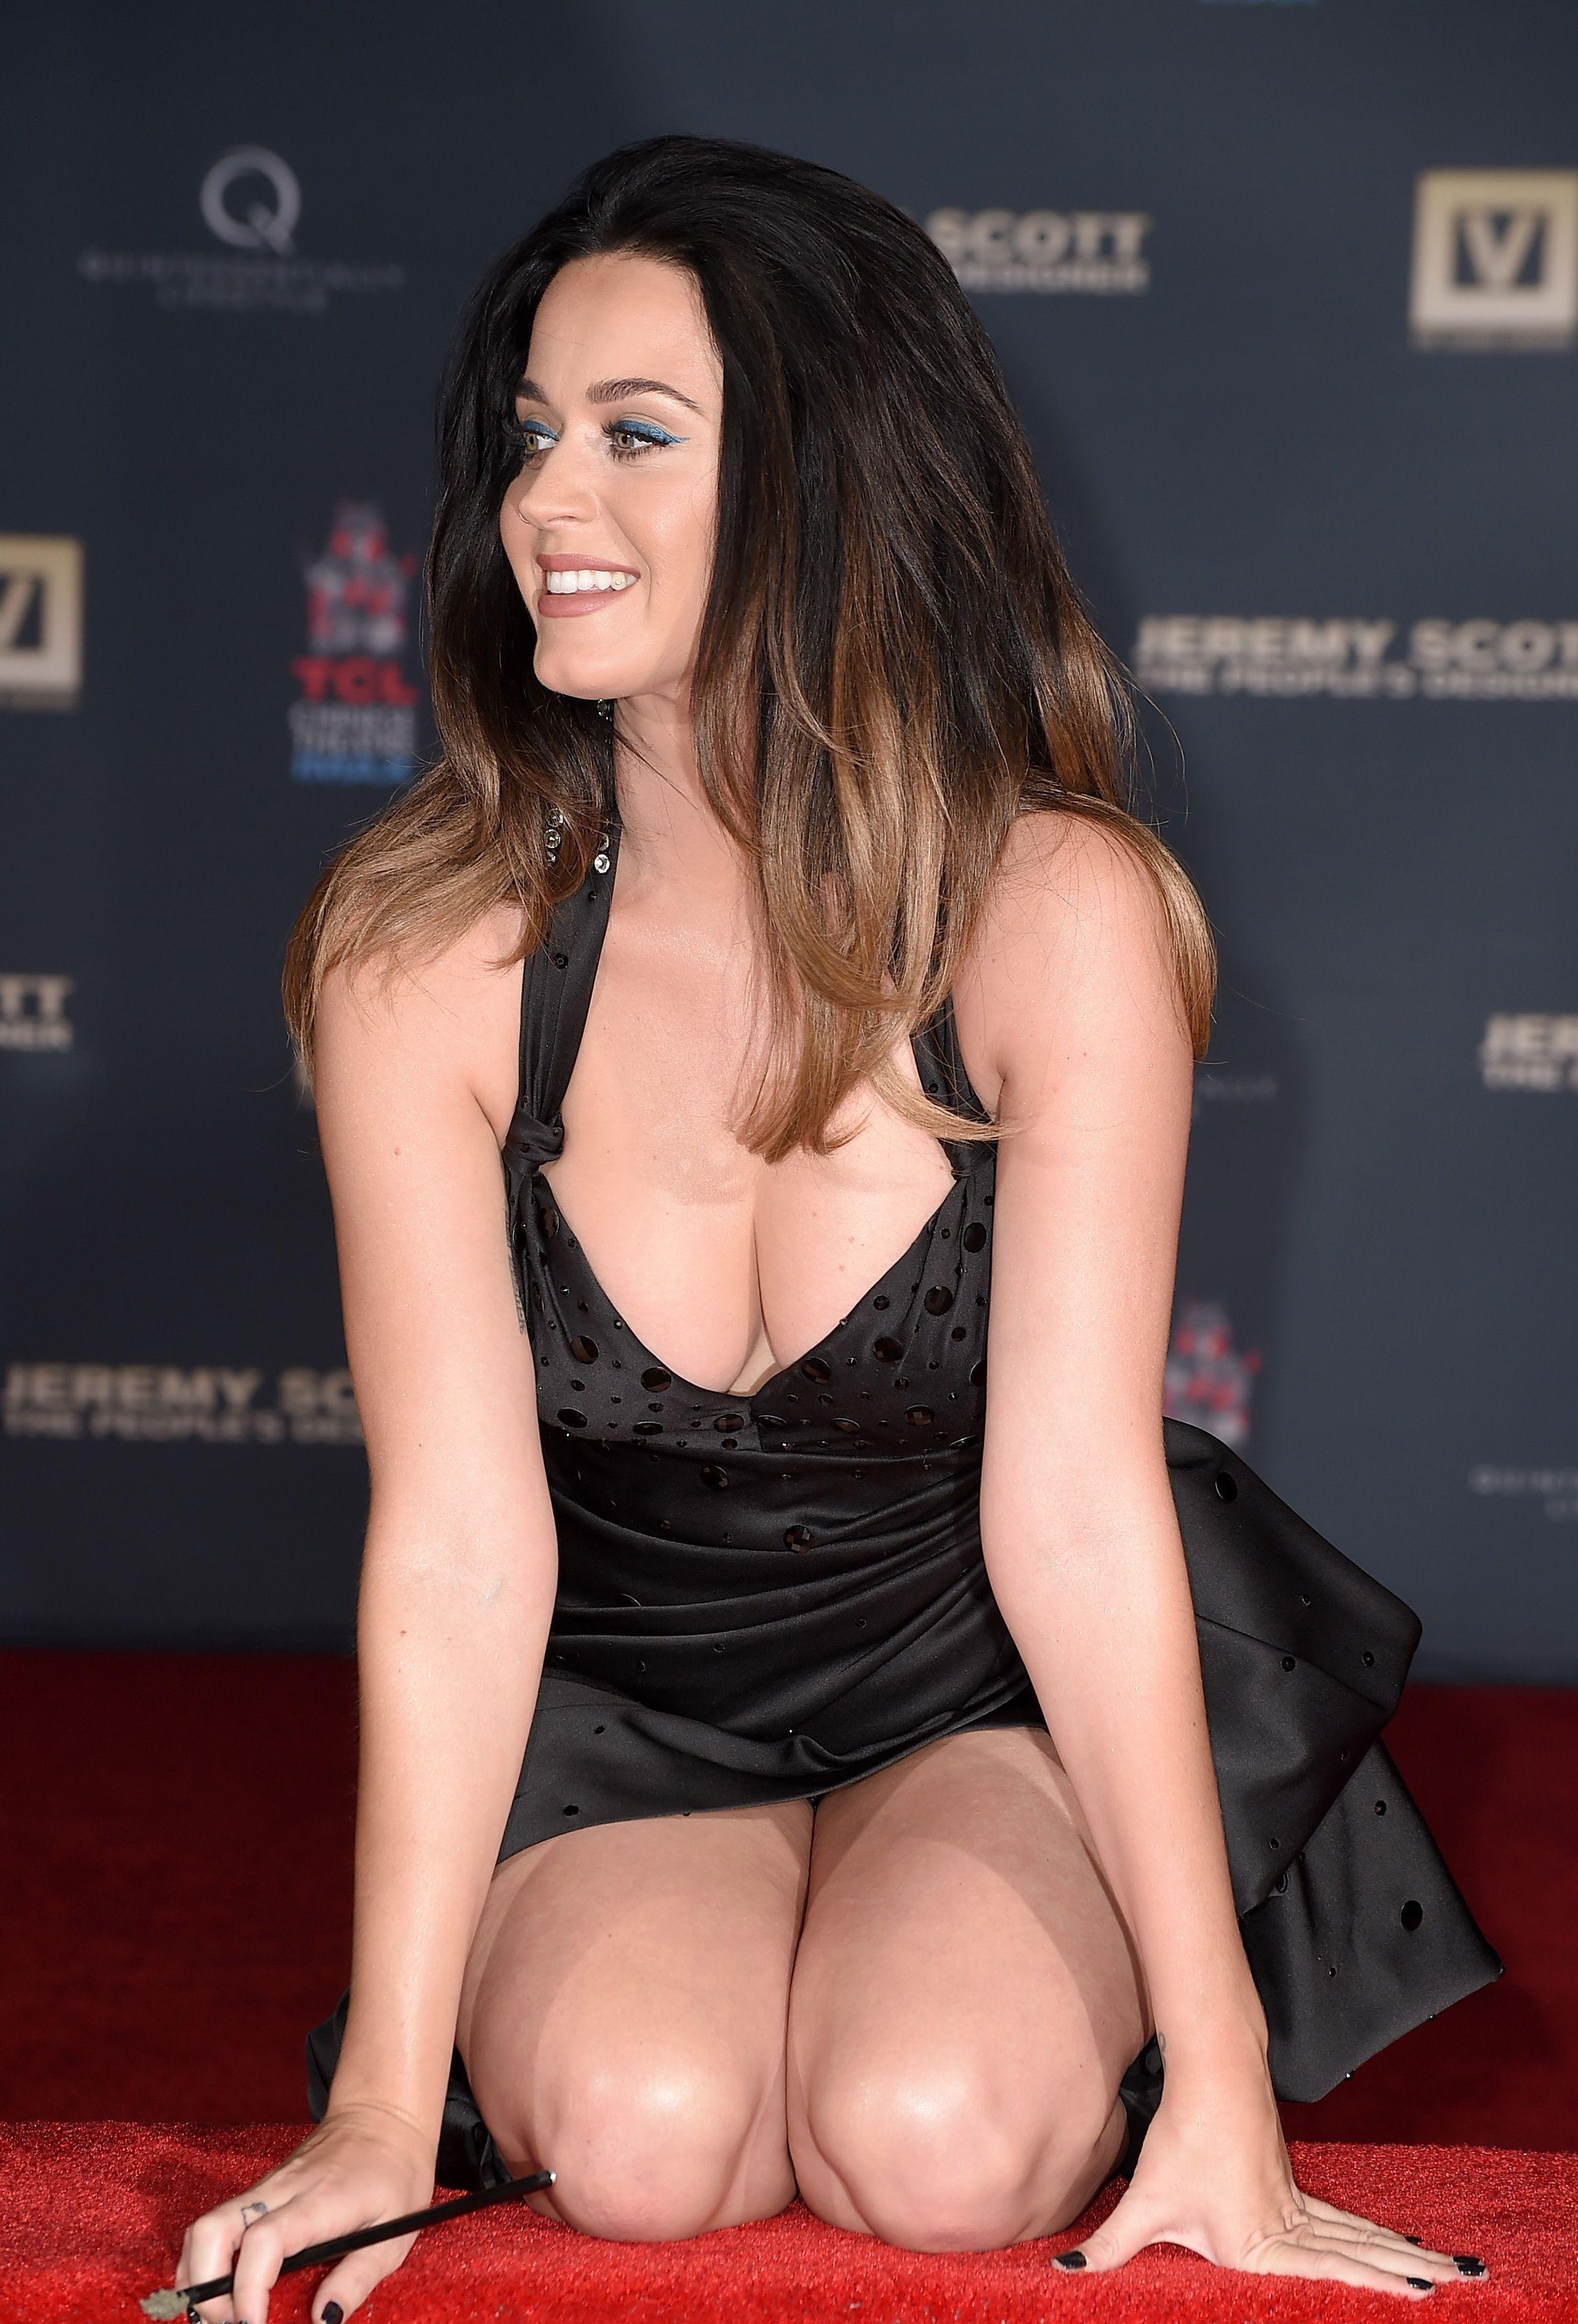 Başarılı ve güzel şarkıcı Katy Perry derin göğüs dekolteli aşırı sexy siyah elbisesi ile yürek hoplattı. En seksi giyinen yabancı ünlü kadınların resimleri